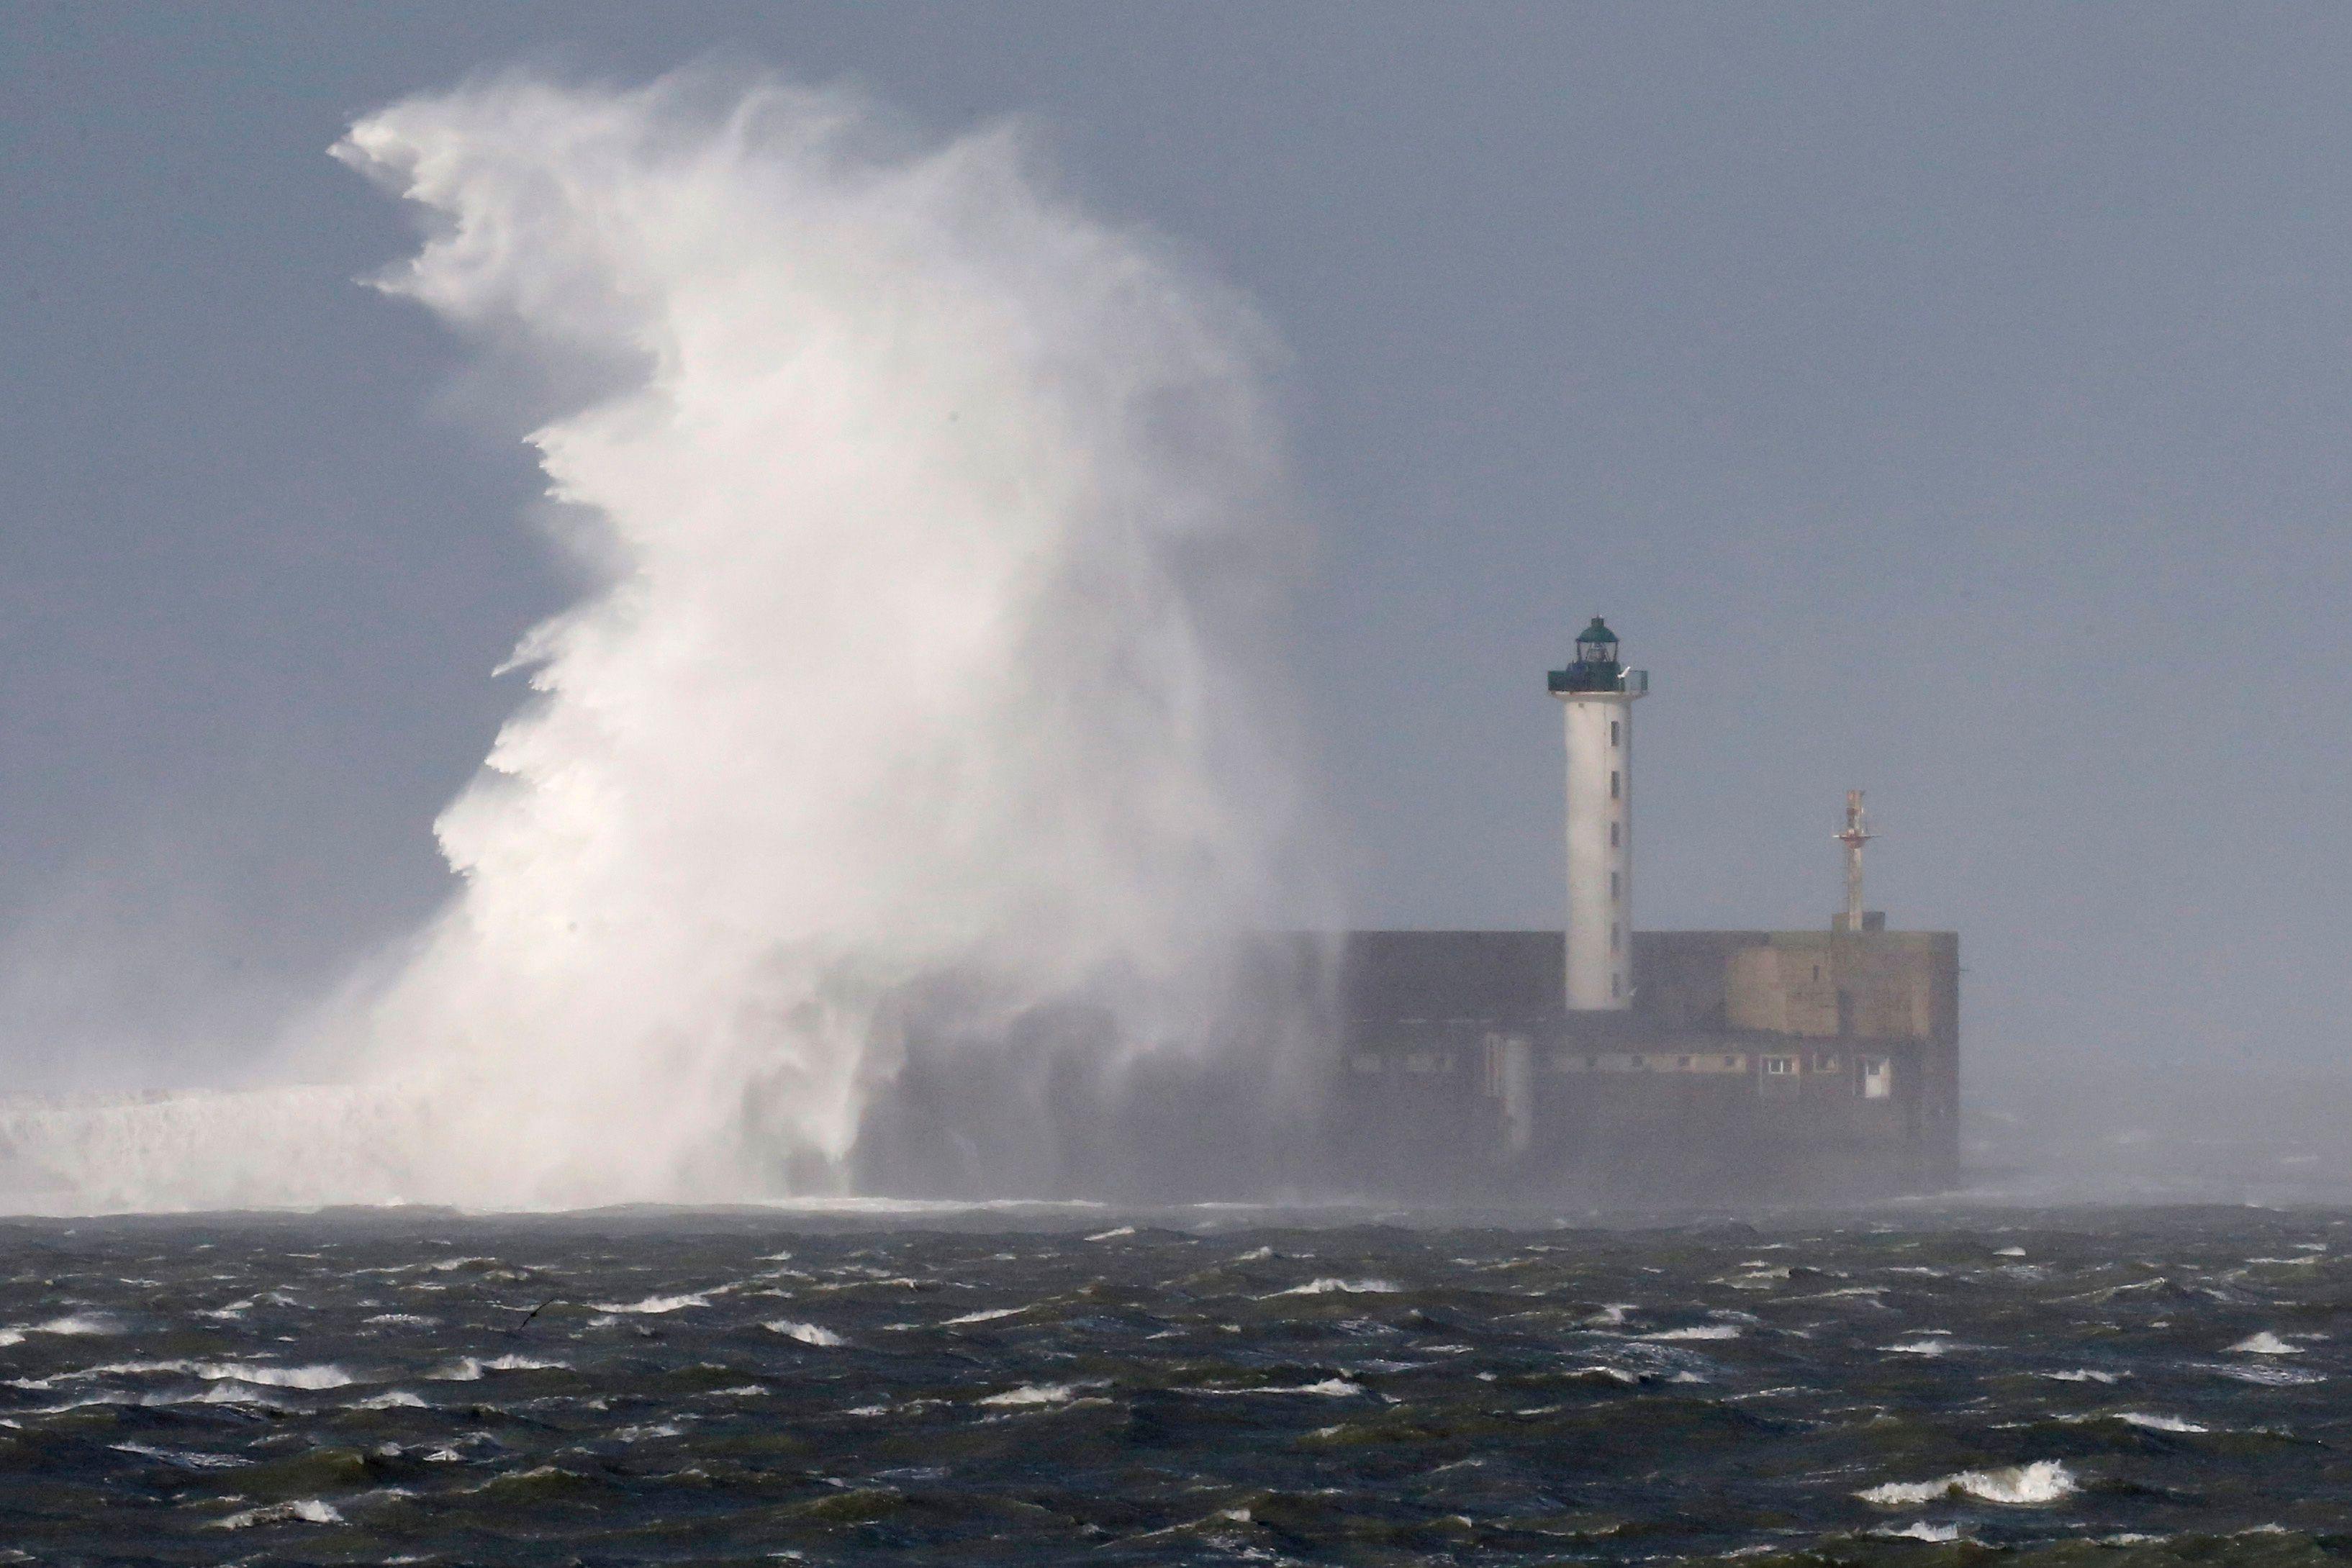 Les tempêtes ont fait reculer lelittoral aquitain de 10 mètres